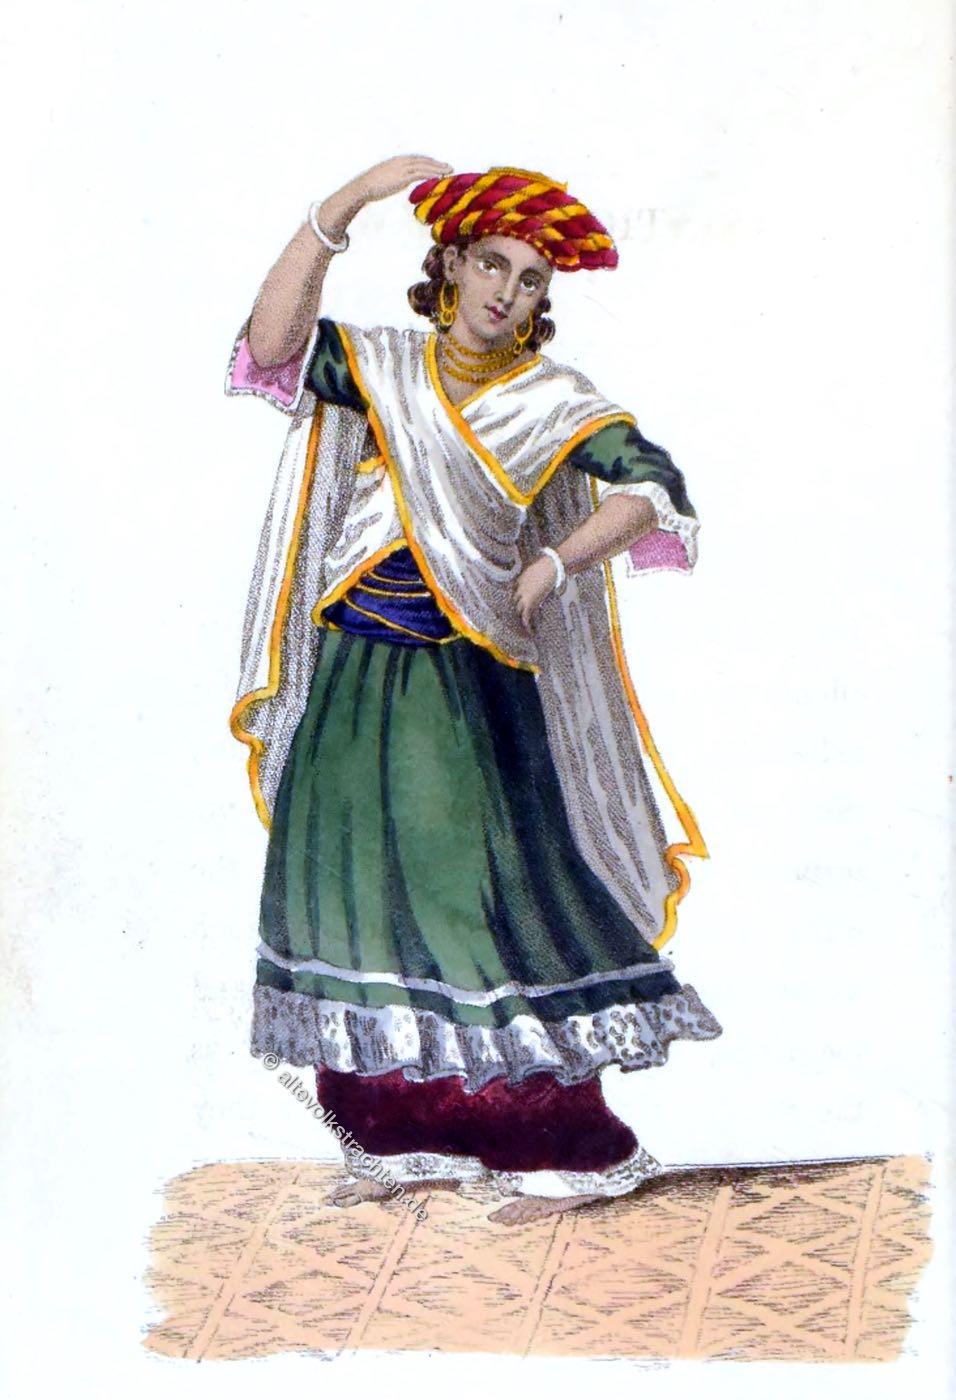 Asiatische Kostüme, Rudolph Ackermann, Tanzkostüm, Indien, Tänzer